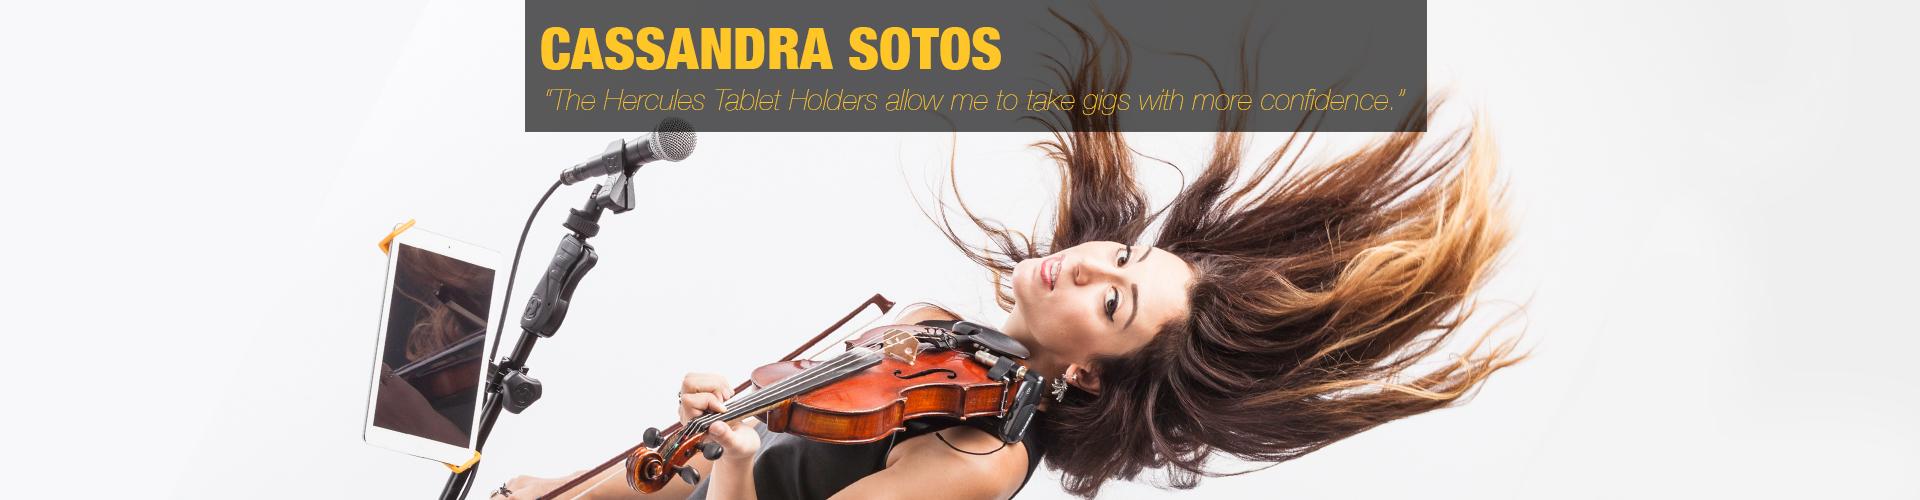 Artist Spotlight - Cassandra Sotos